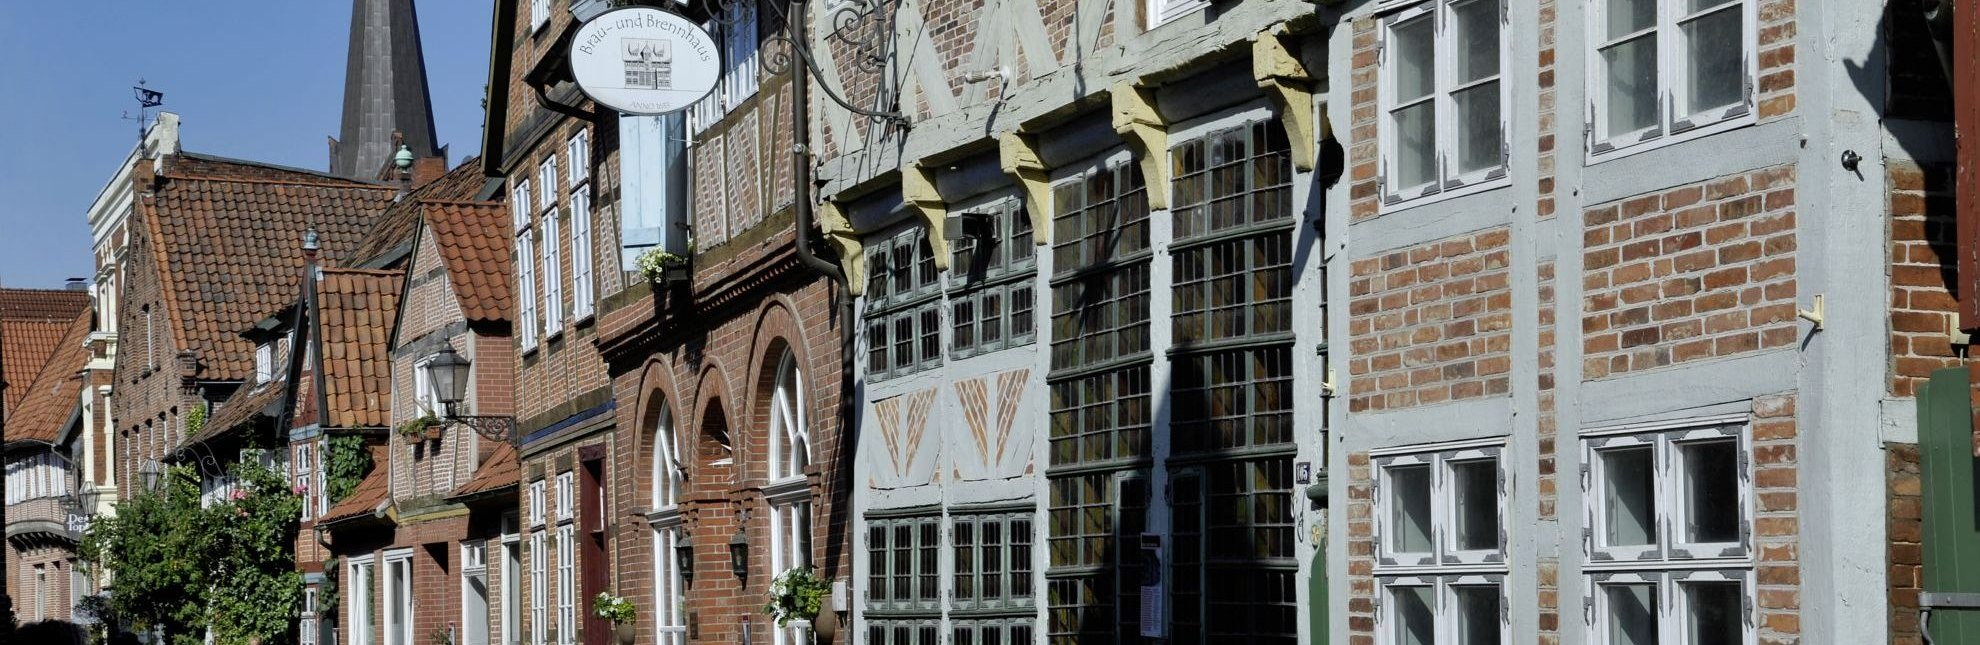 Fachwerkhäuser in der Lauenburger Altstadt, © photocompany